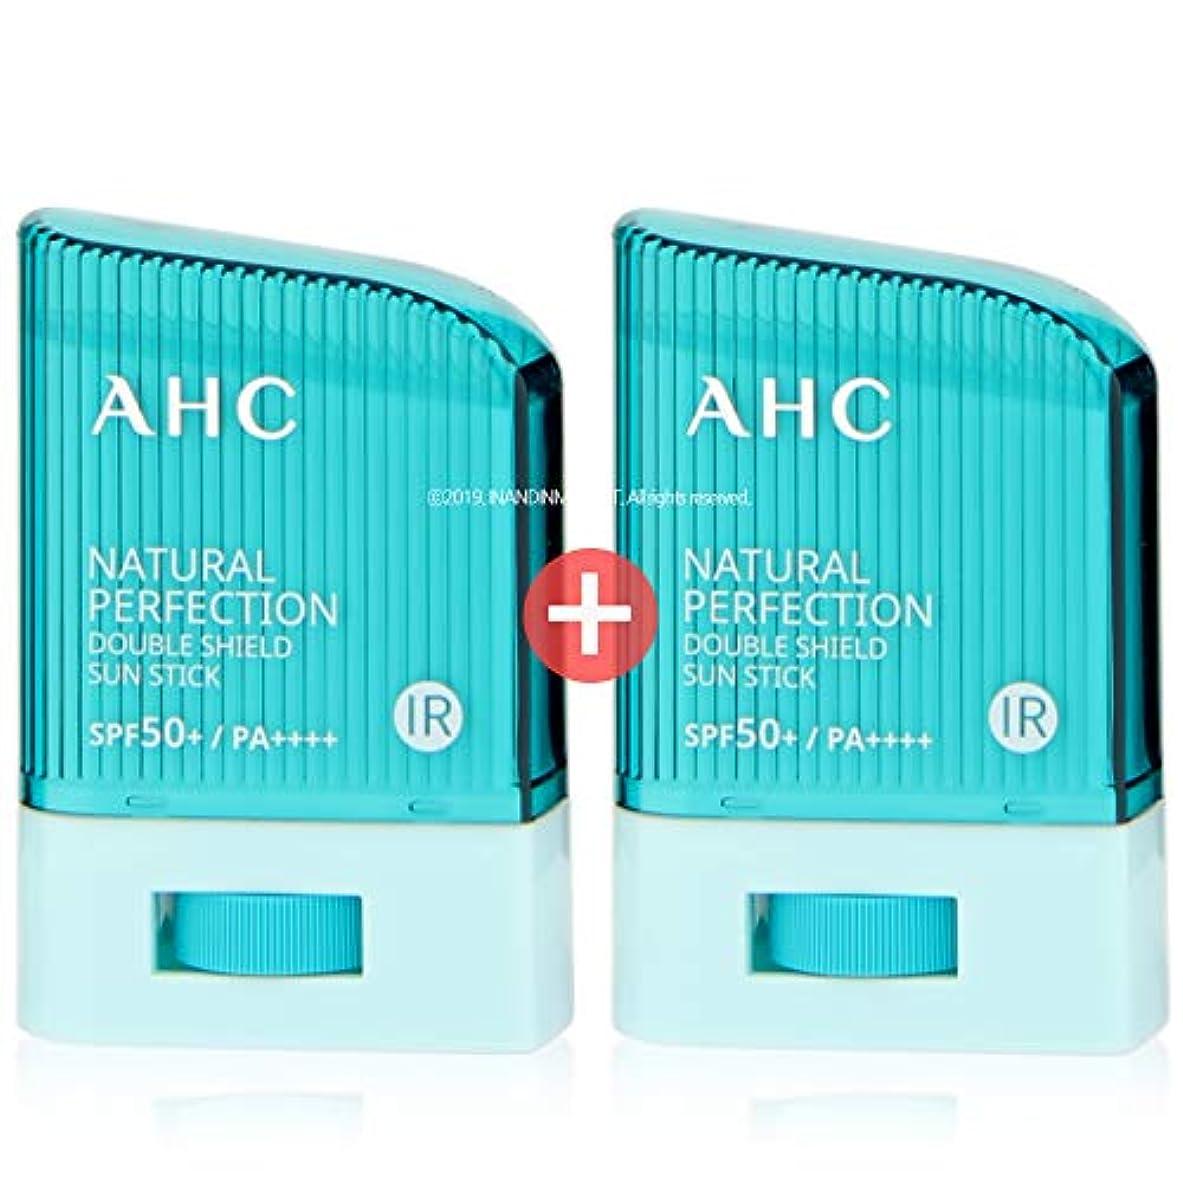 離れて出くわすきつく[ 1+1 ] AHC ナチュラルパーフェクションダブルシールドサンスティック 14g, Natural Perfection Double Shield Sun Stick SPF50+ PA++++